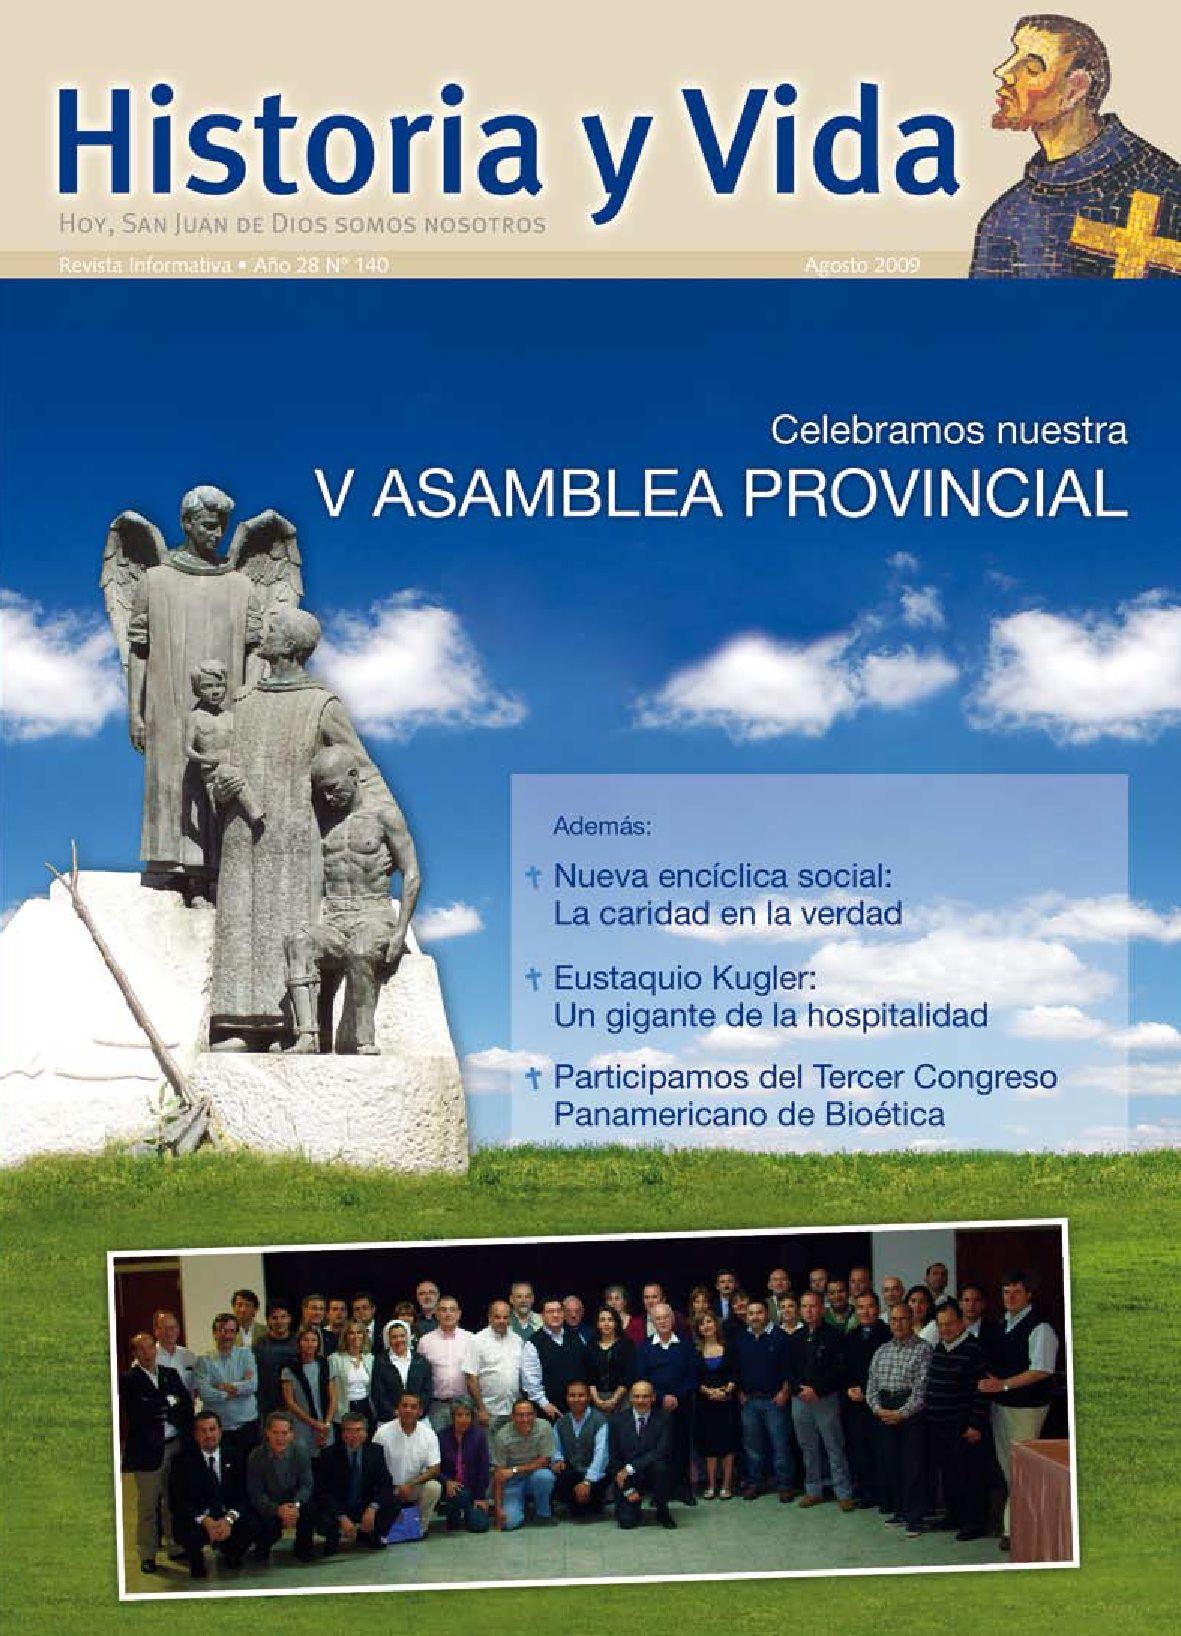 Historia y Vida #140 by Revista Historia y Vida HSJD - issuu